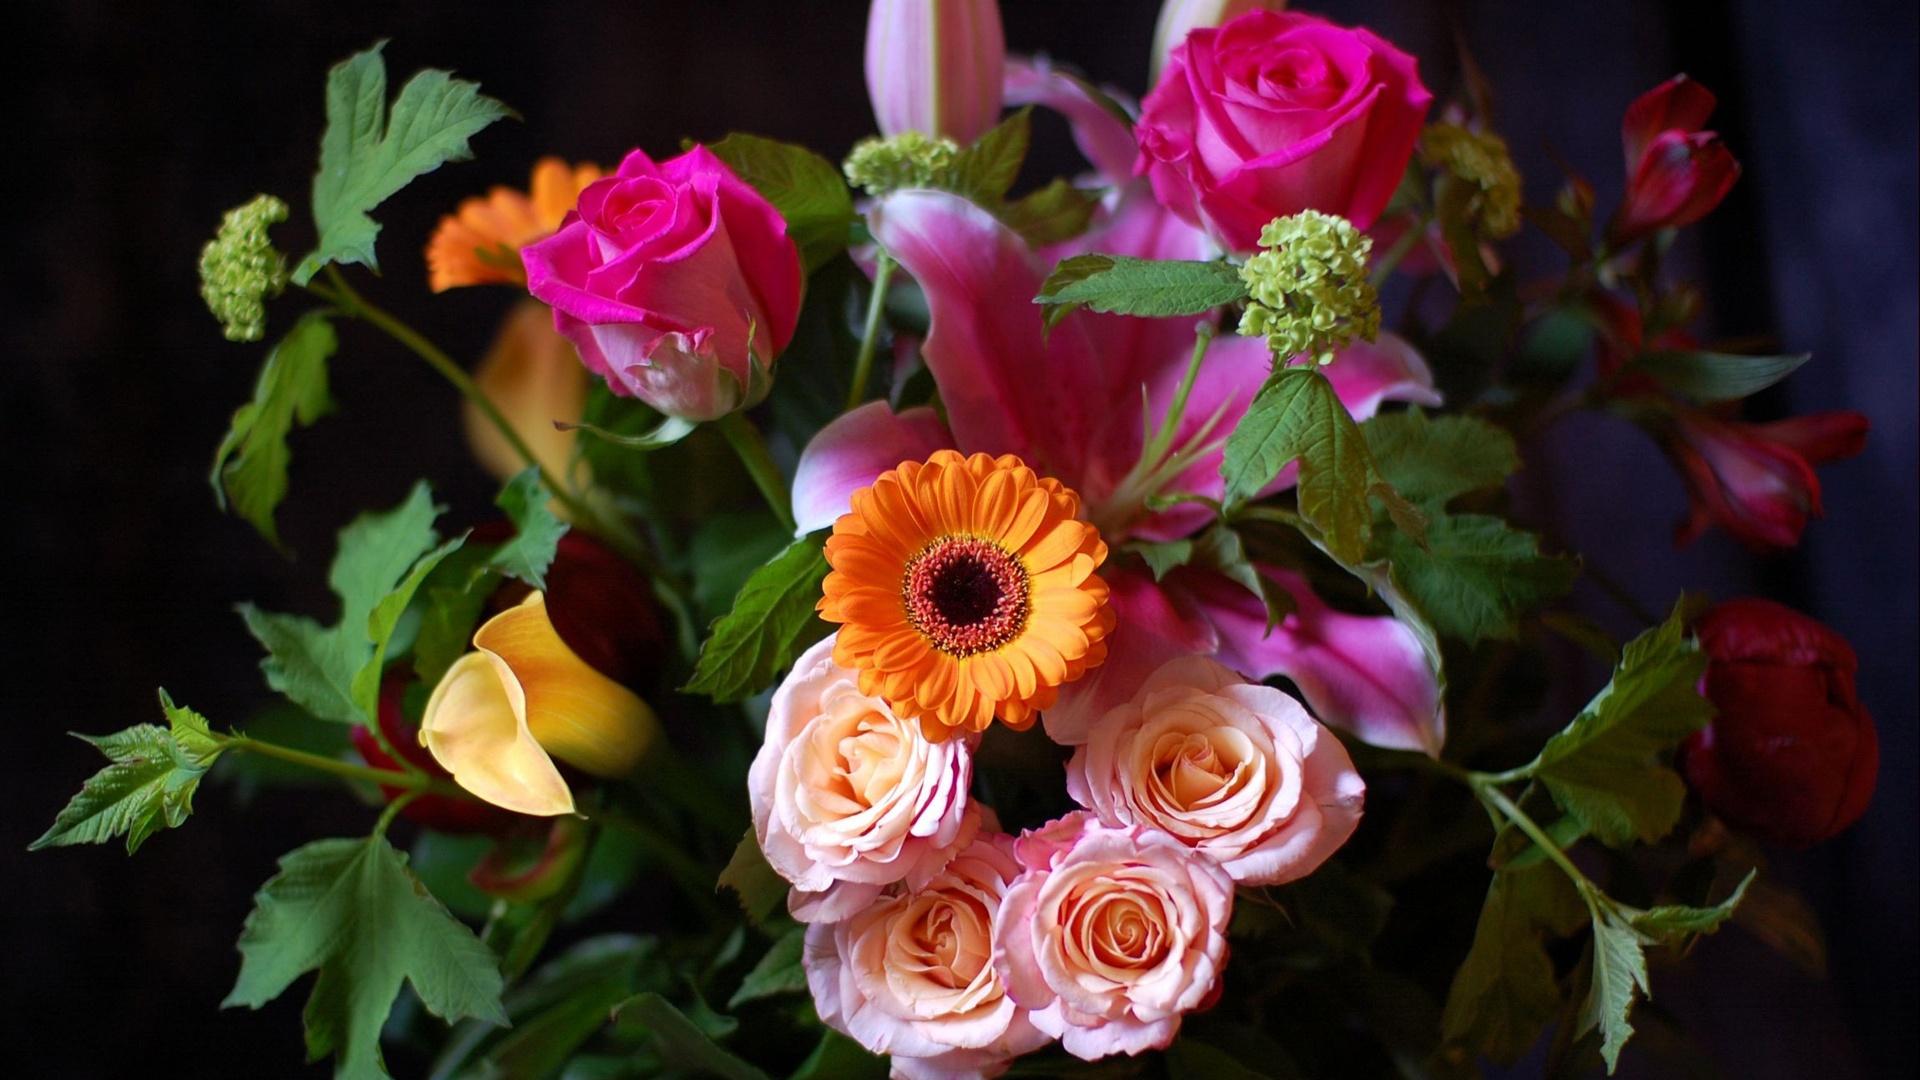 обои на рабочий стол букеты розы герберы лилии гвоздики № 172316 бесплатно